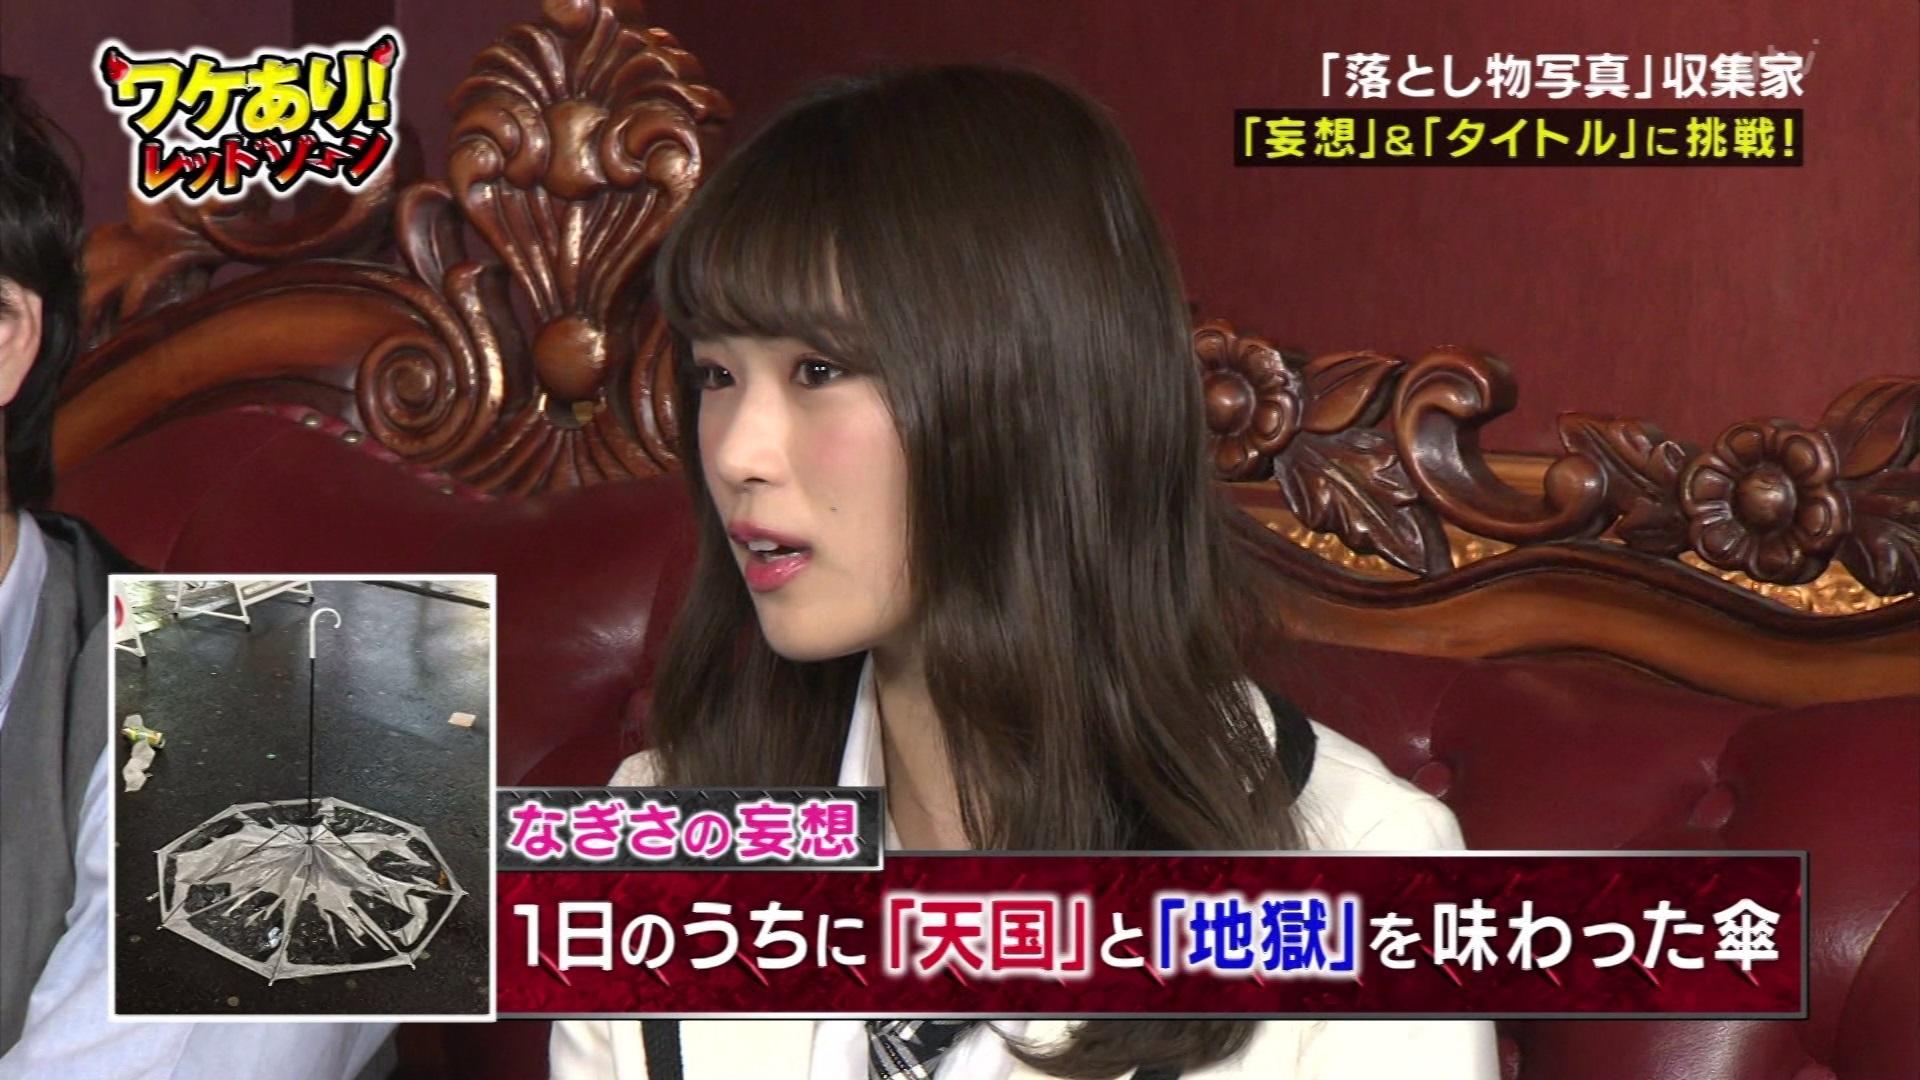 【渋谷凪咲】1月26日放送、ワケあり!レッドゾーンキャプ画像。街に落ちている「落とし物」を撮影するワケあり人。